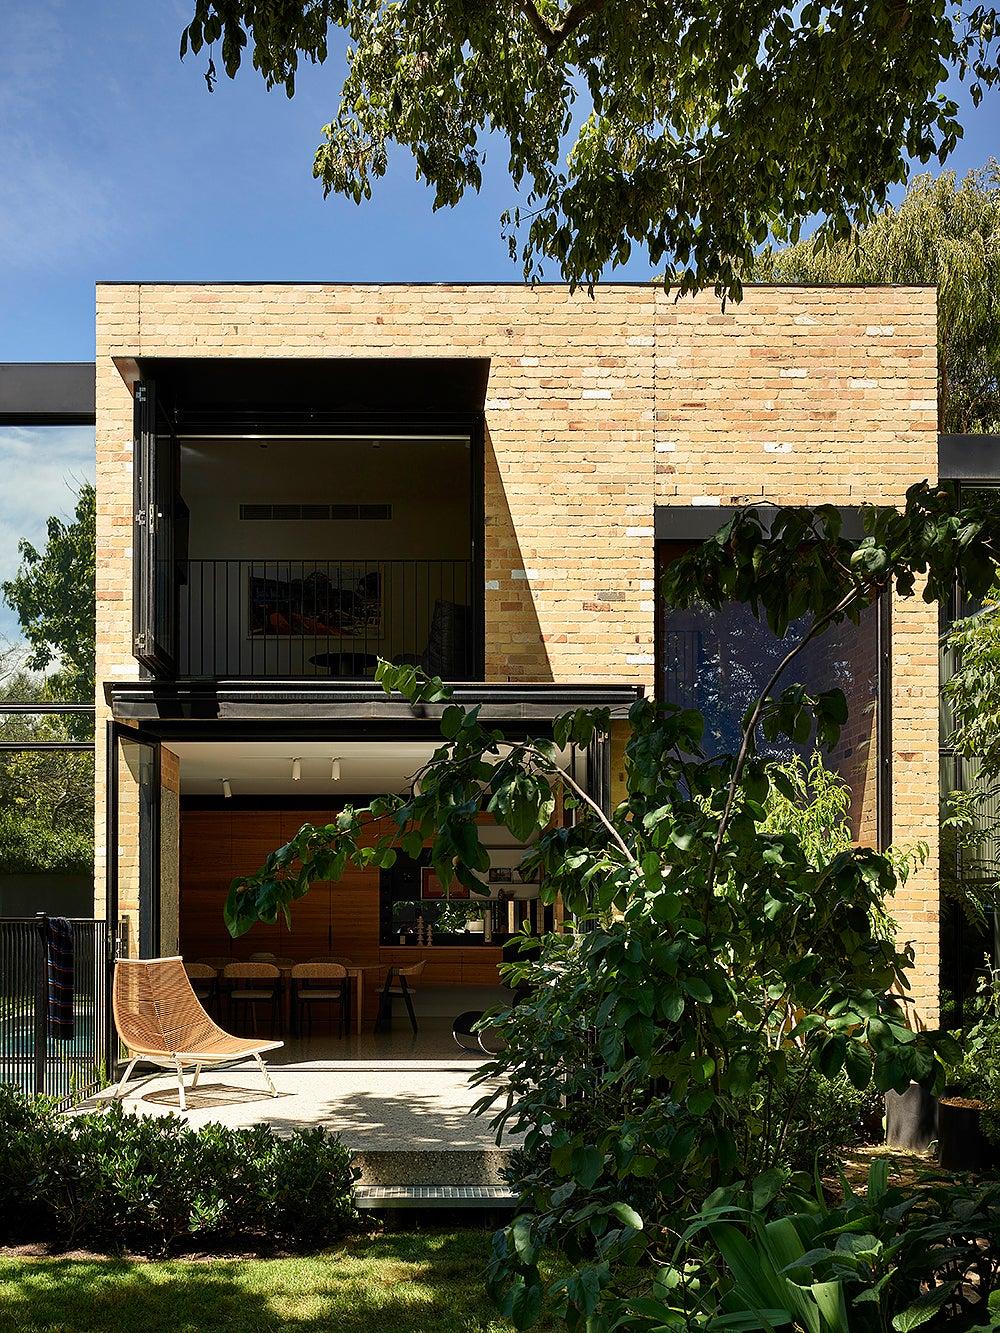 00-FEATURE-Simone-Haag-Garden-House-domino